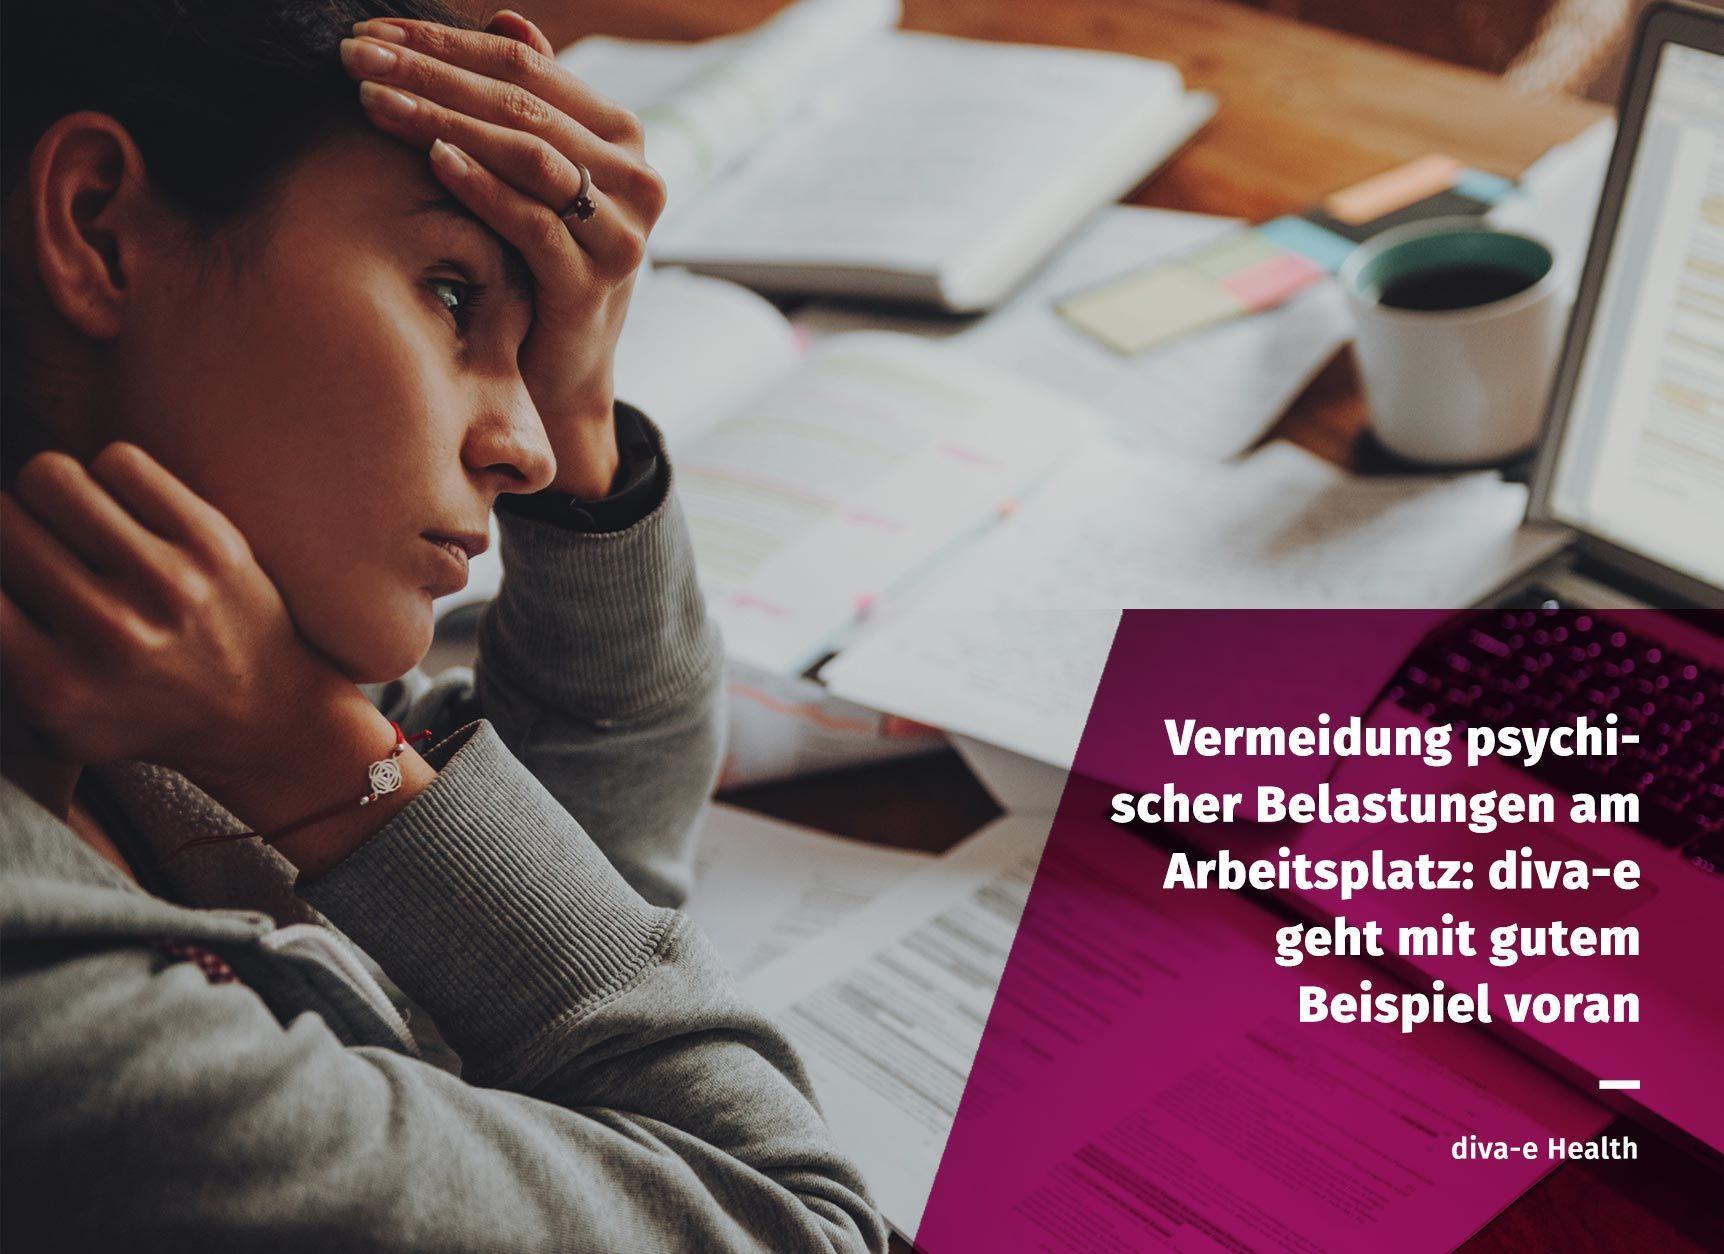 Vermeidung psychischer Belastungen am Arbeitsplatz: diva-e geht mit gutem Beispiel voran